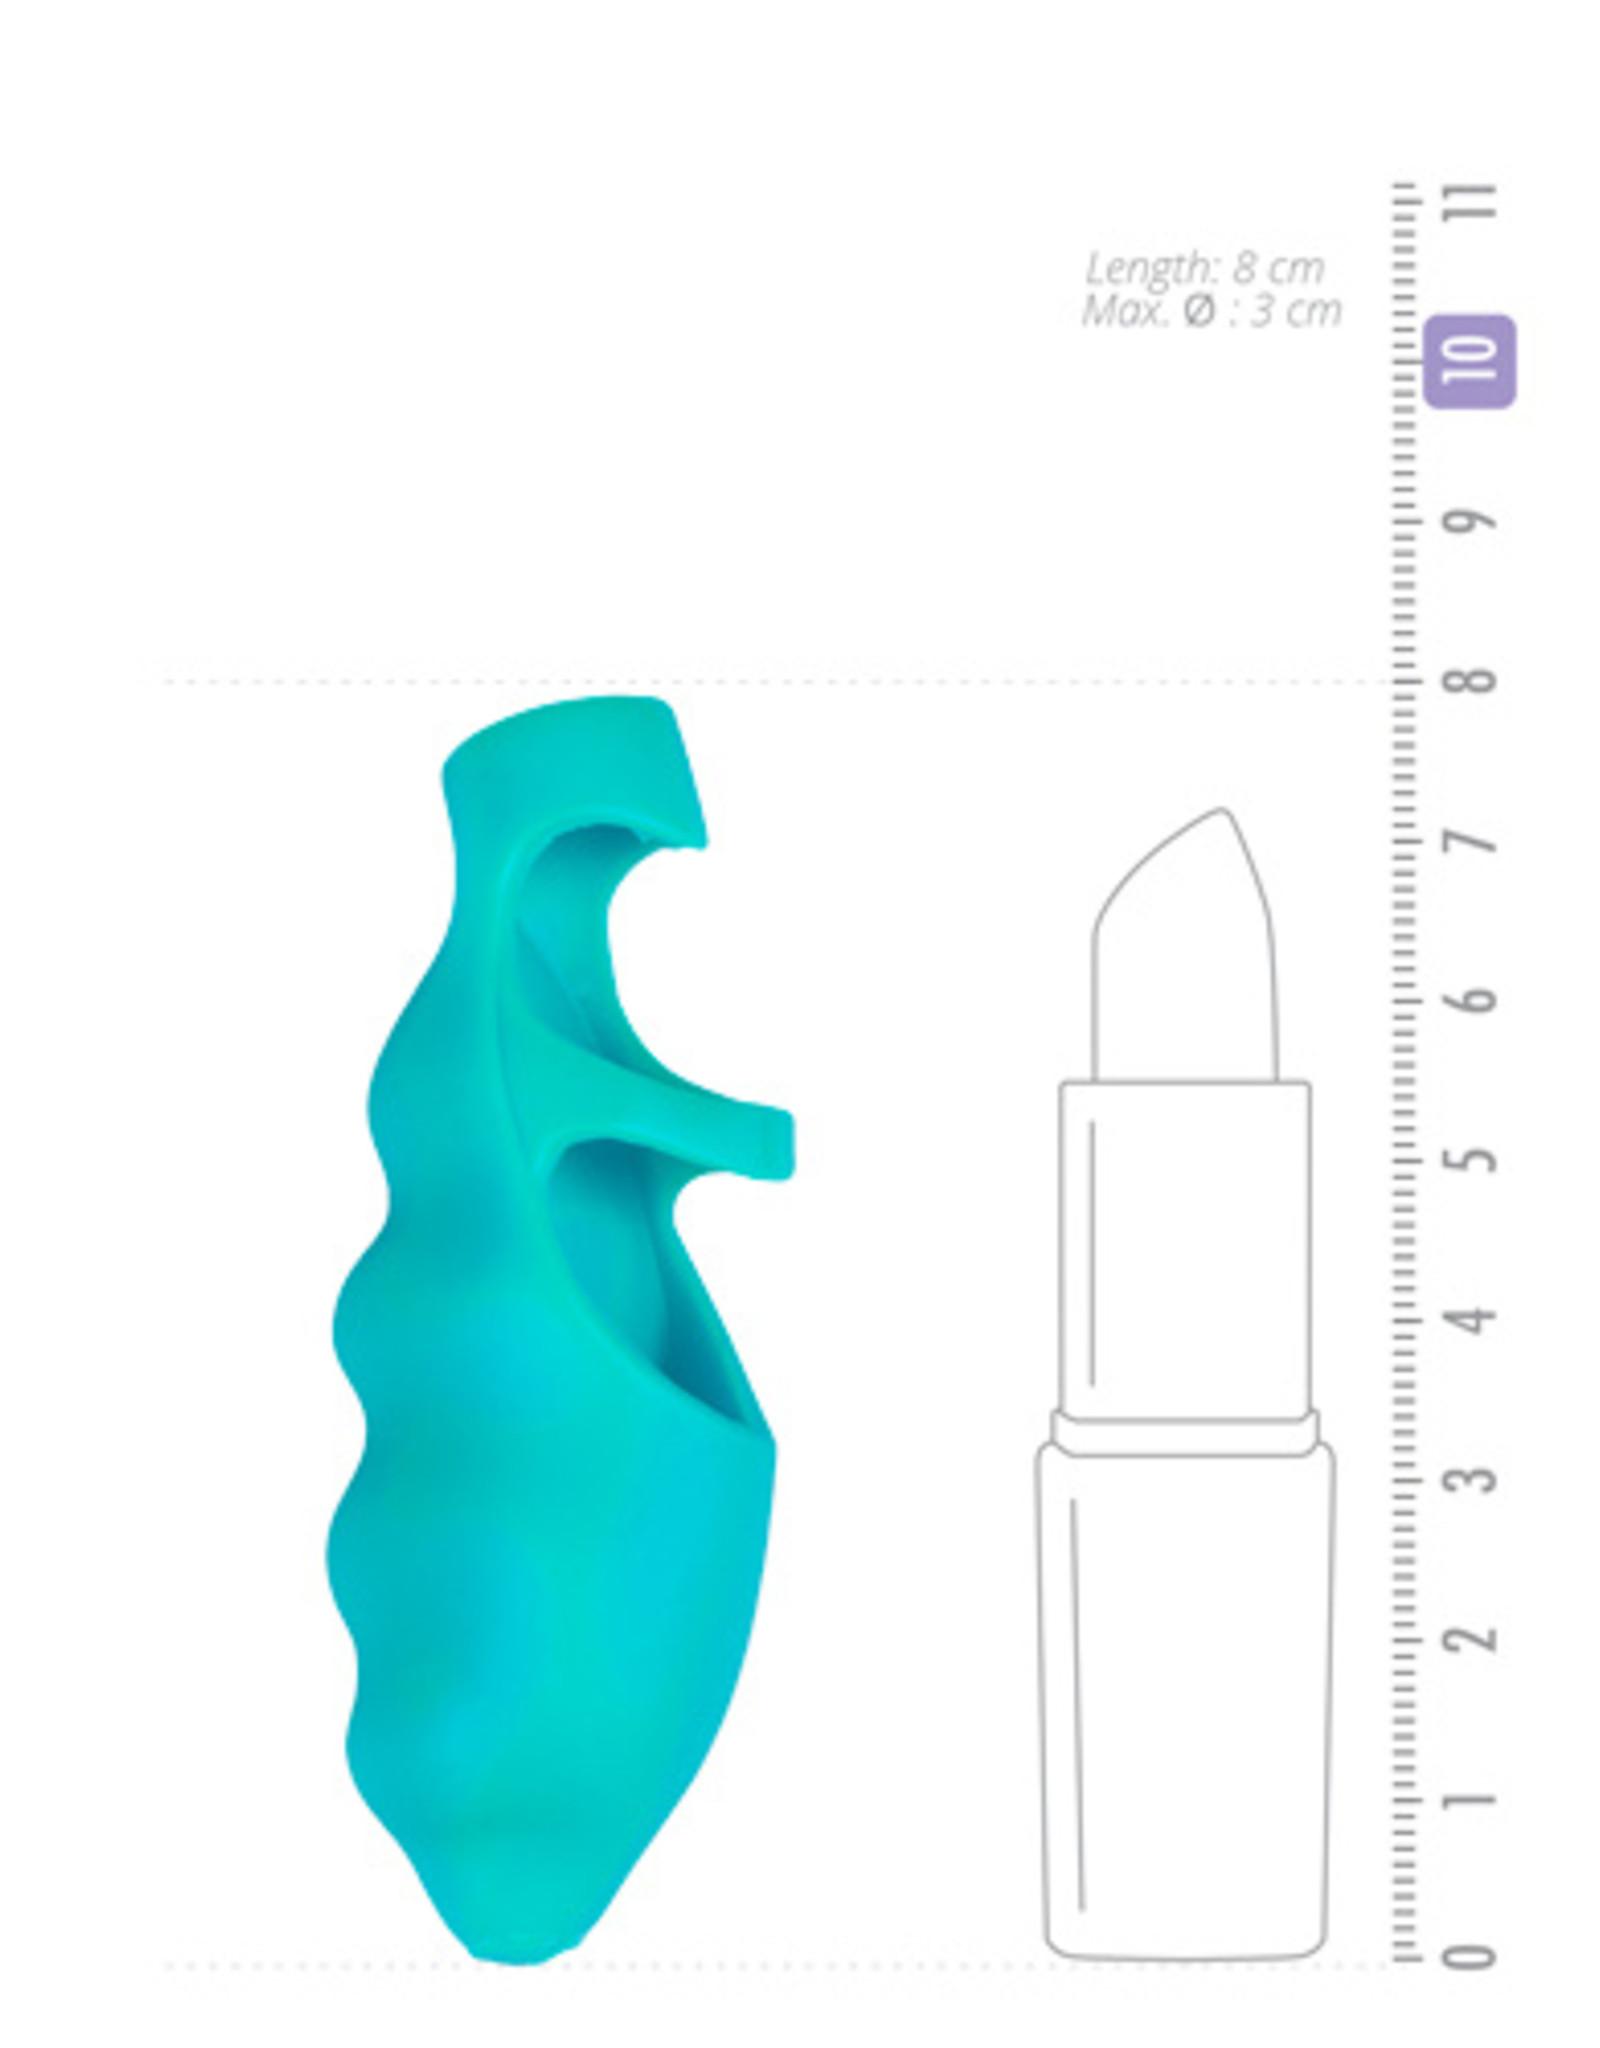 Frisky Finger Bang-her Vibe - Vinger Vibrator - Turquoise